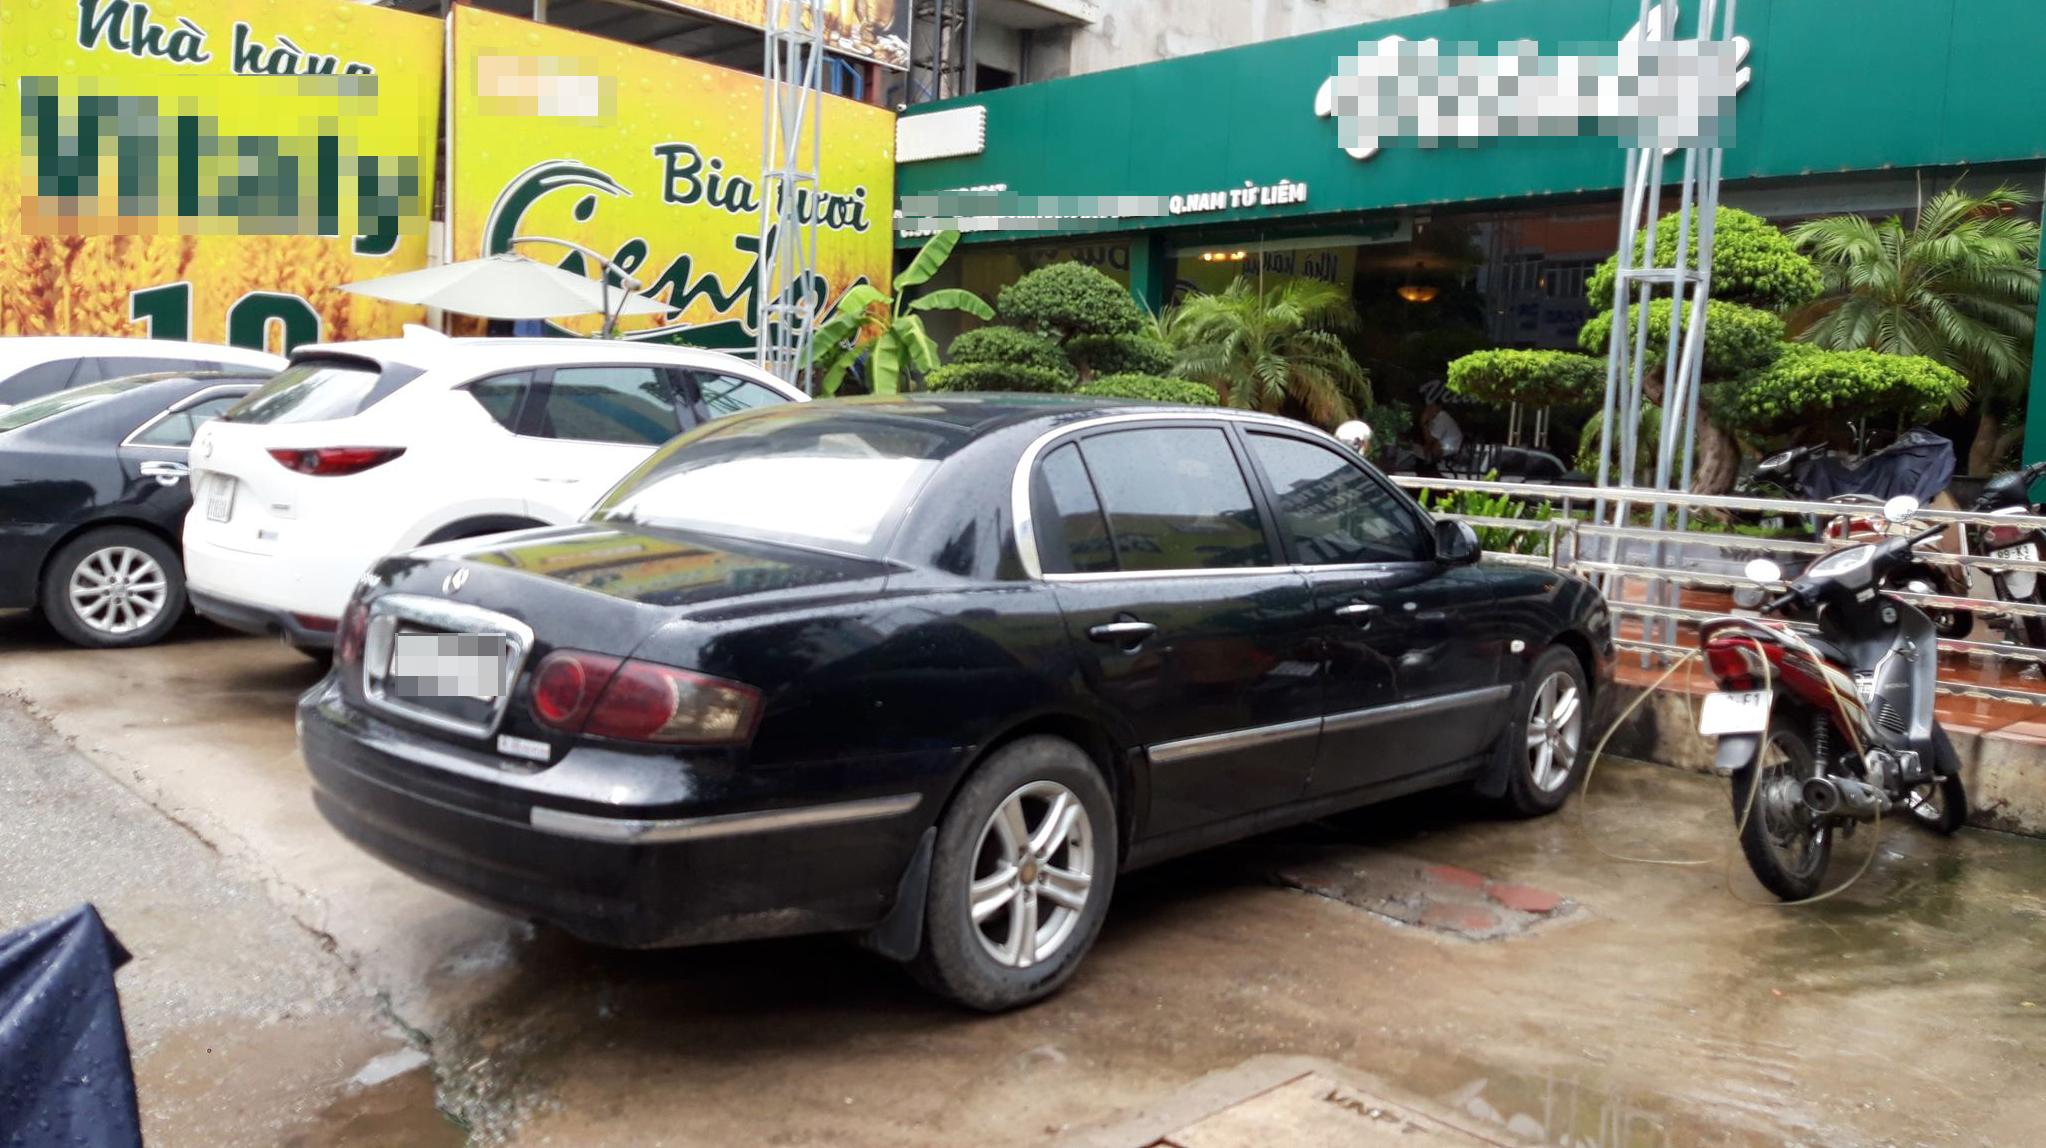 Chiếc xe đen gắn logo Mercedes S350 của nhóm môi giới sử dụng, thực chất là xe Trung Quốc. Ảnh TK.